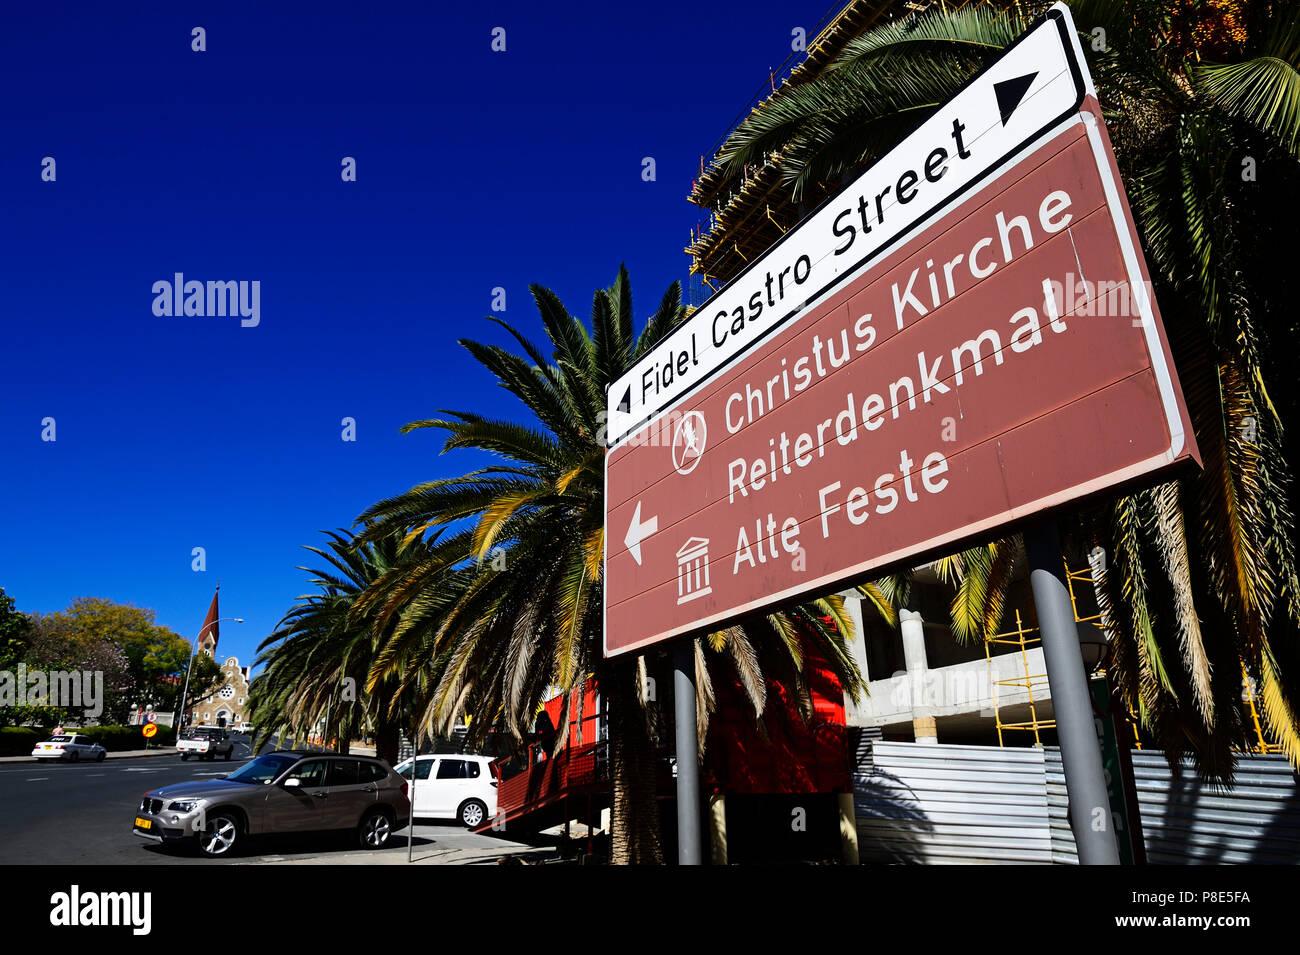 Zeichen Christi Kirche und Fidel Castro Street mit Blick auf die Kirche, Windhoek, Namibia Stockbild